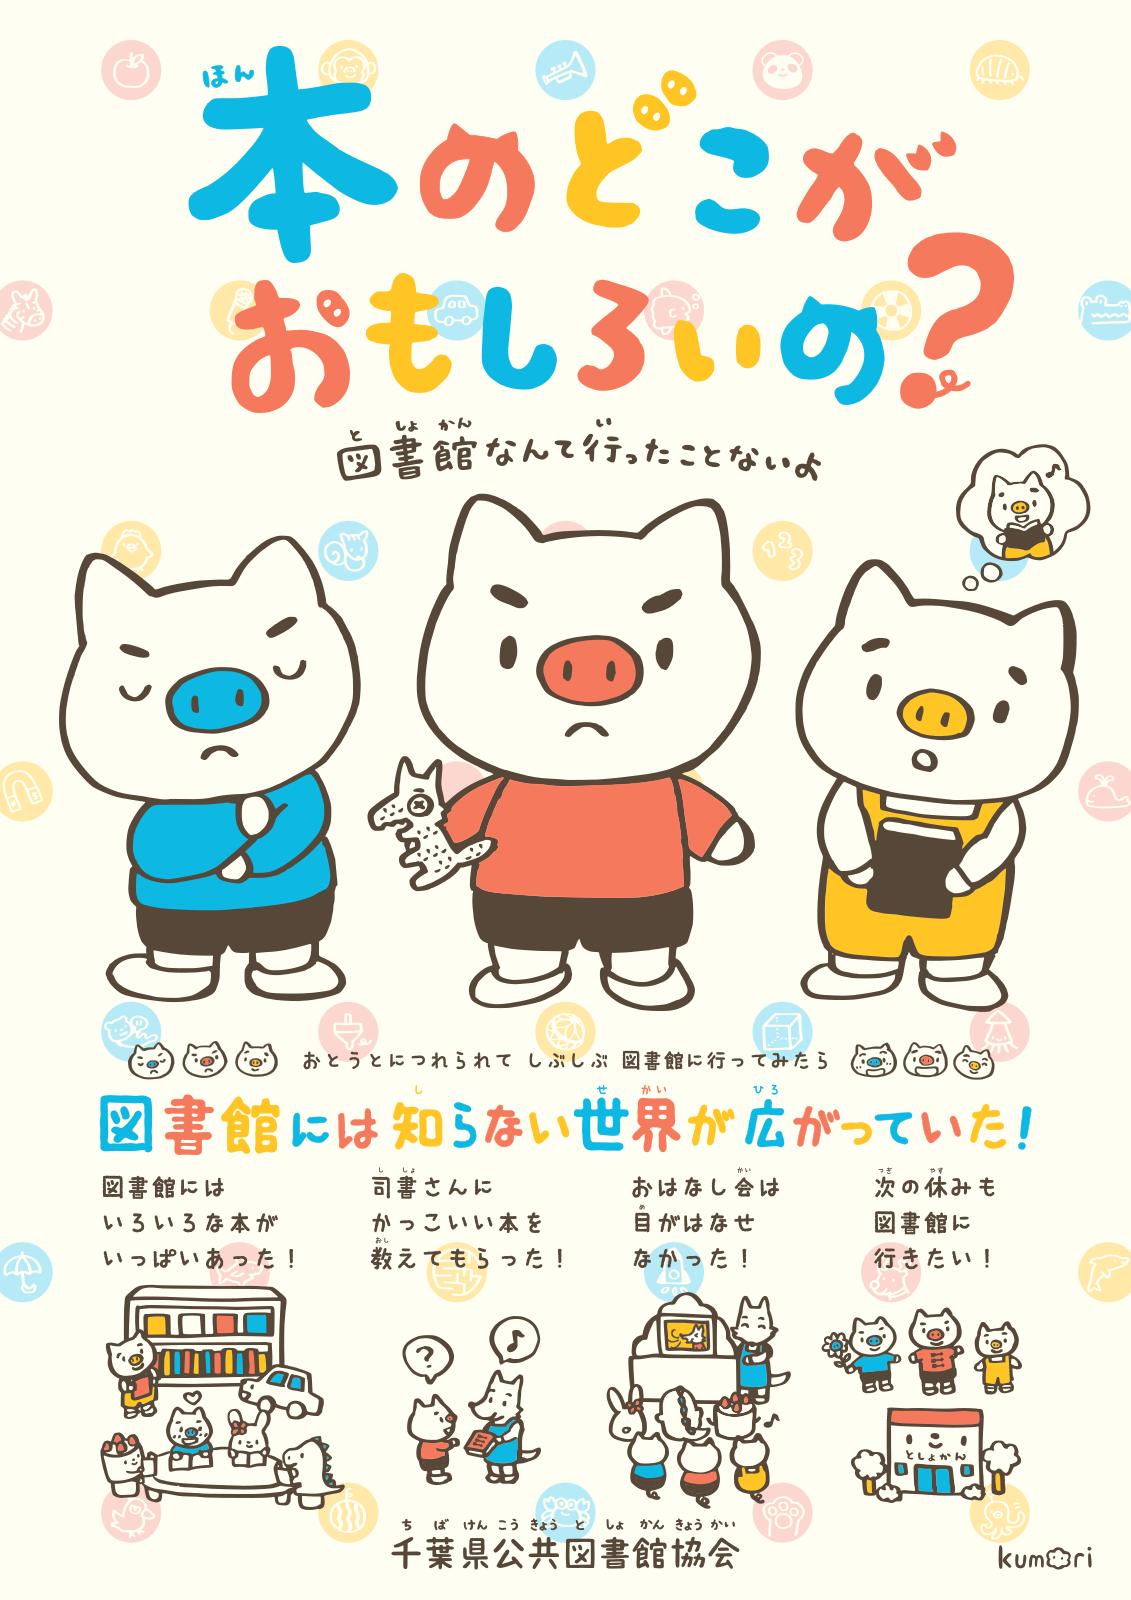 千葉県公共図書館協会「本のどこがおもしろいの?」ポスター